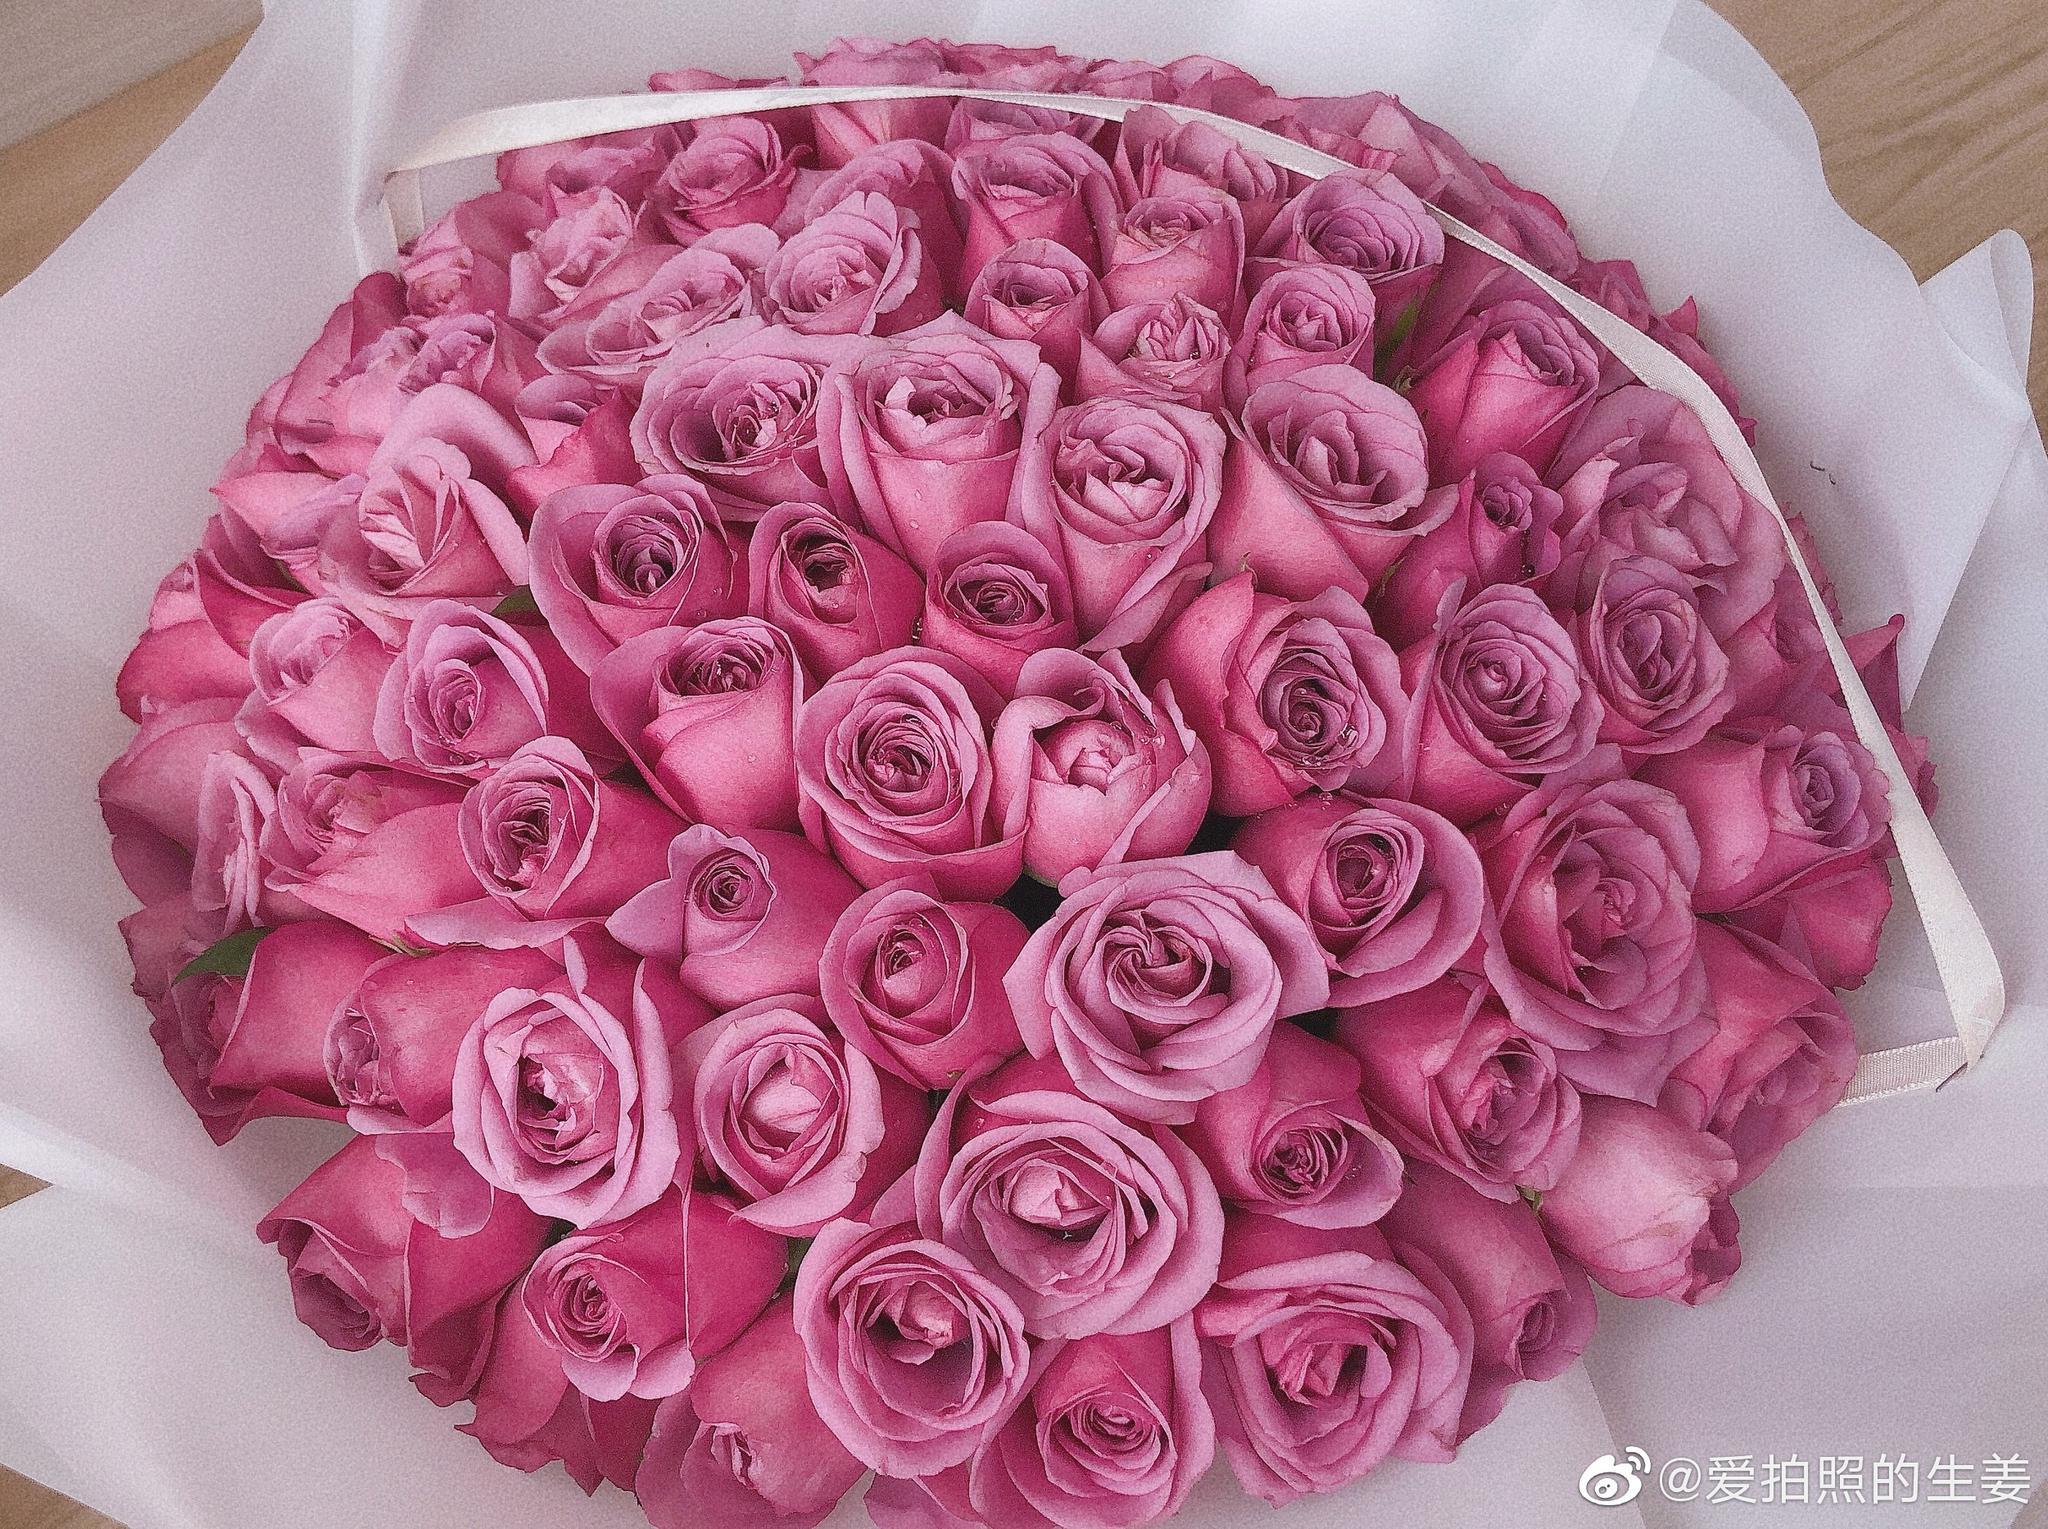 把鲜花晒成了干花~紫玫瑰晒干了也美美哒